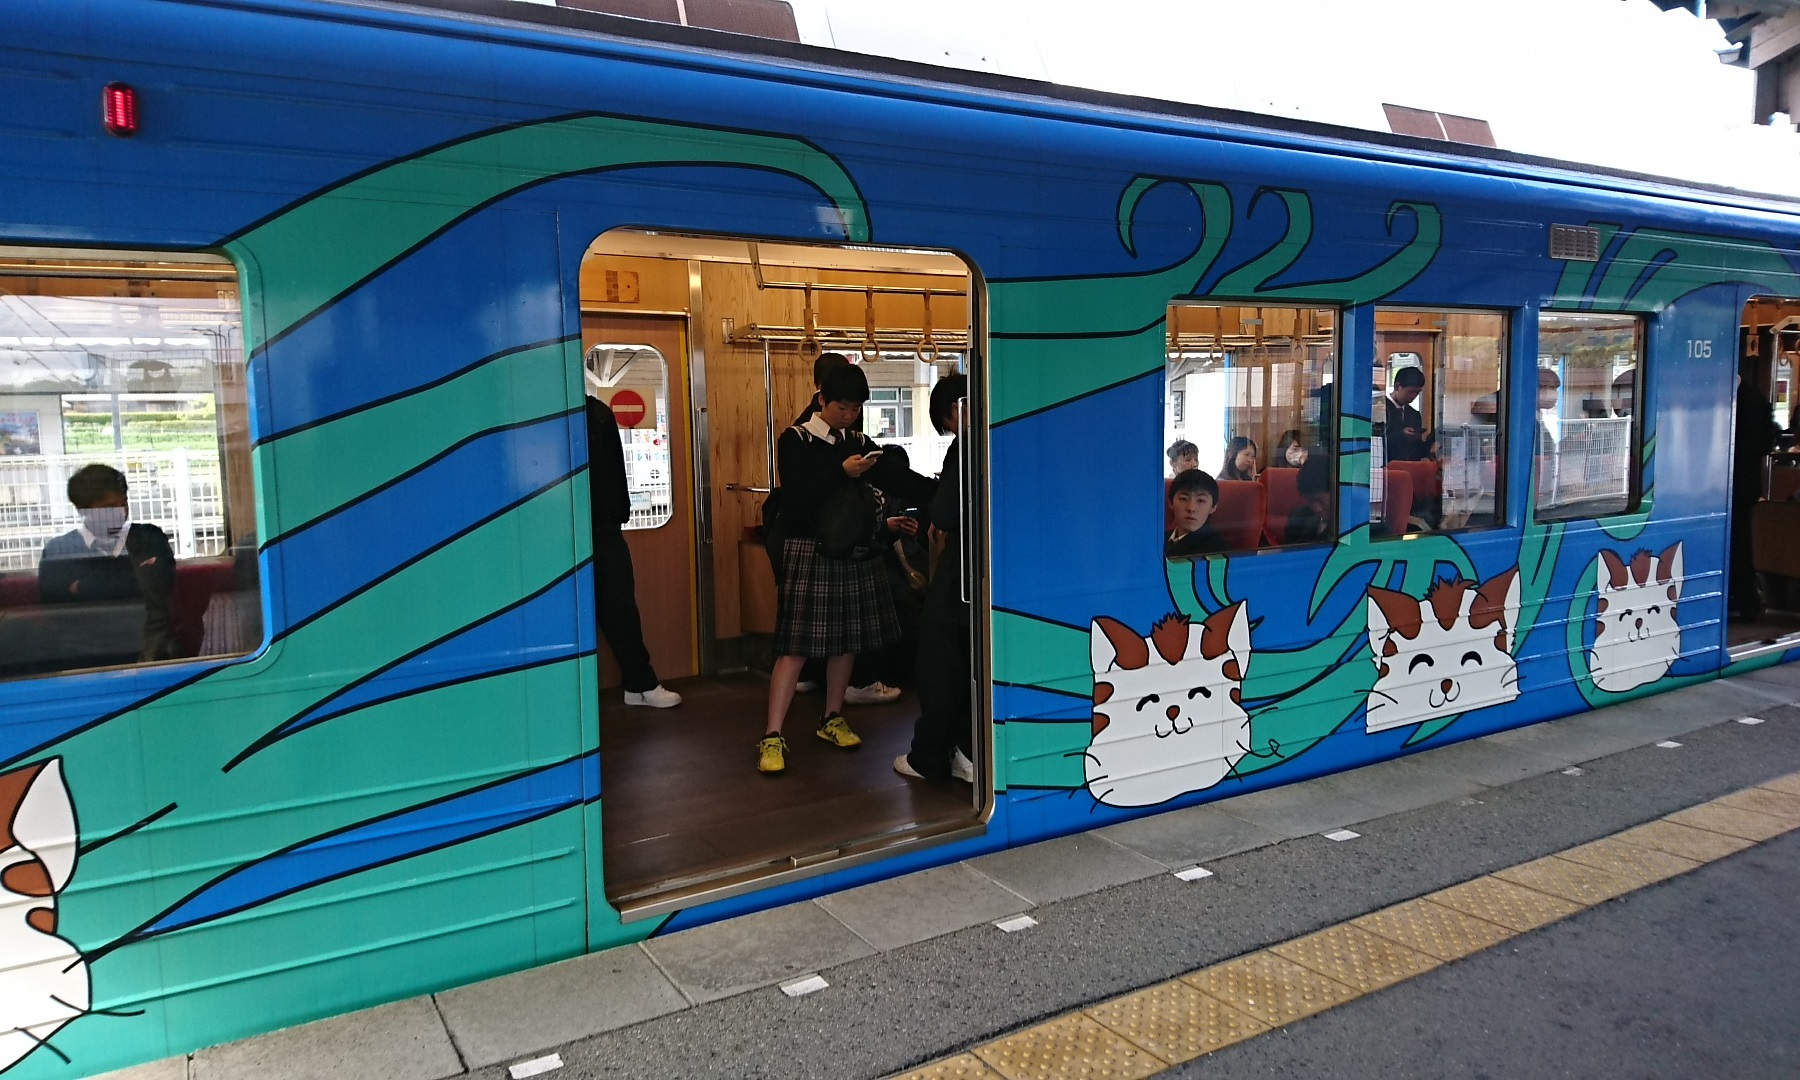 2018.4.26 上野 (22) 伊賀神戸 - 上野市いきふつう 1800-1080